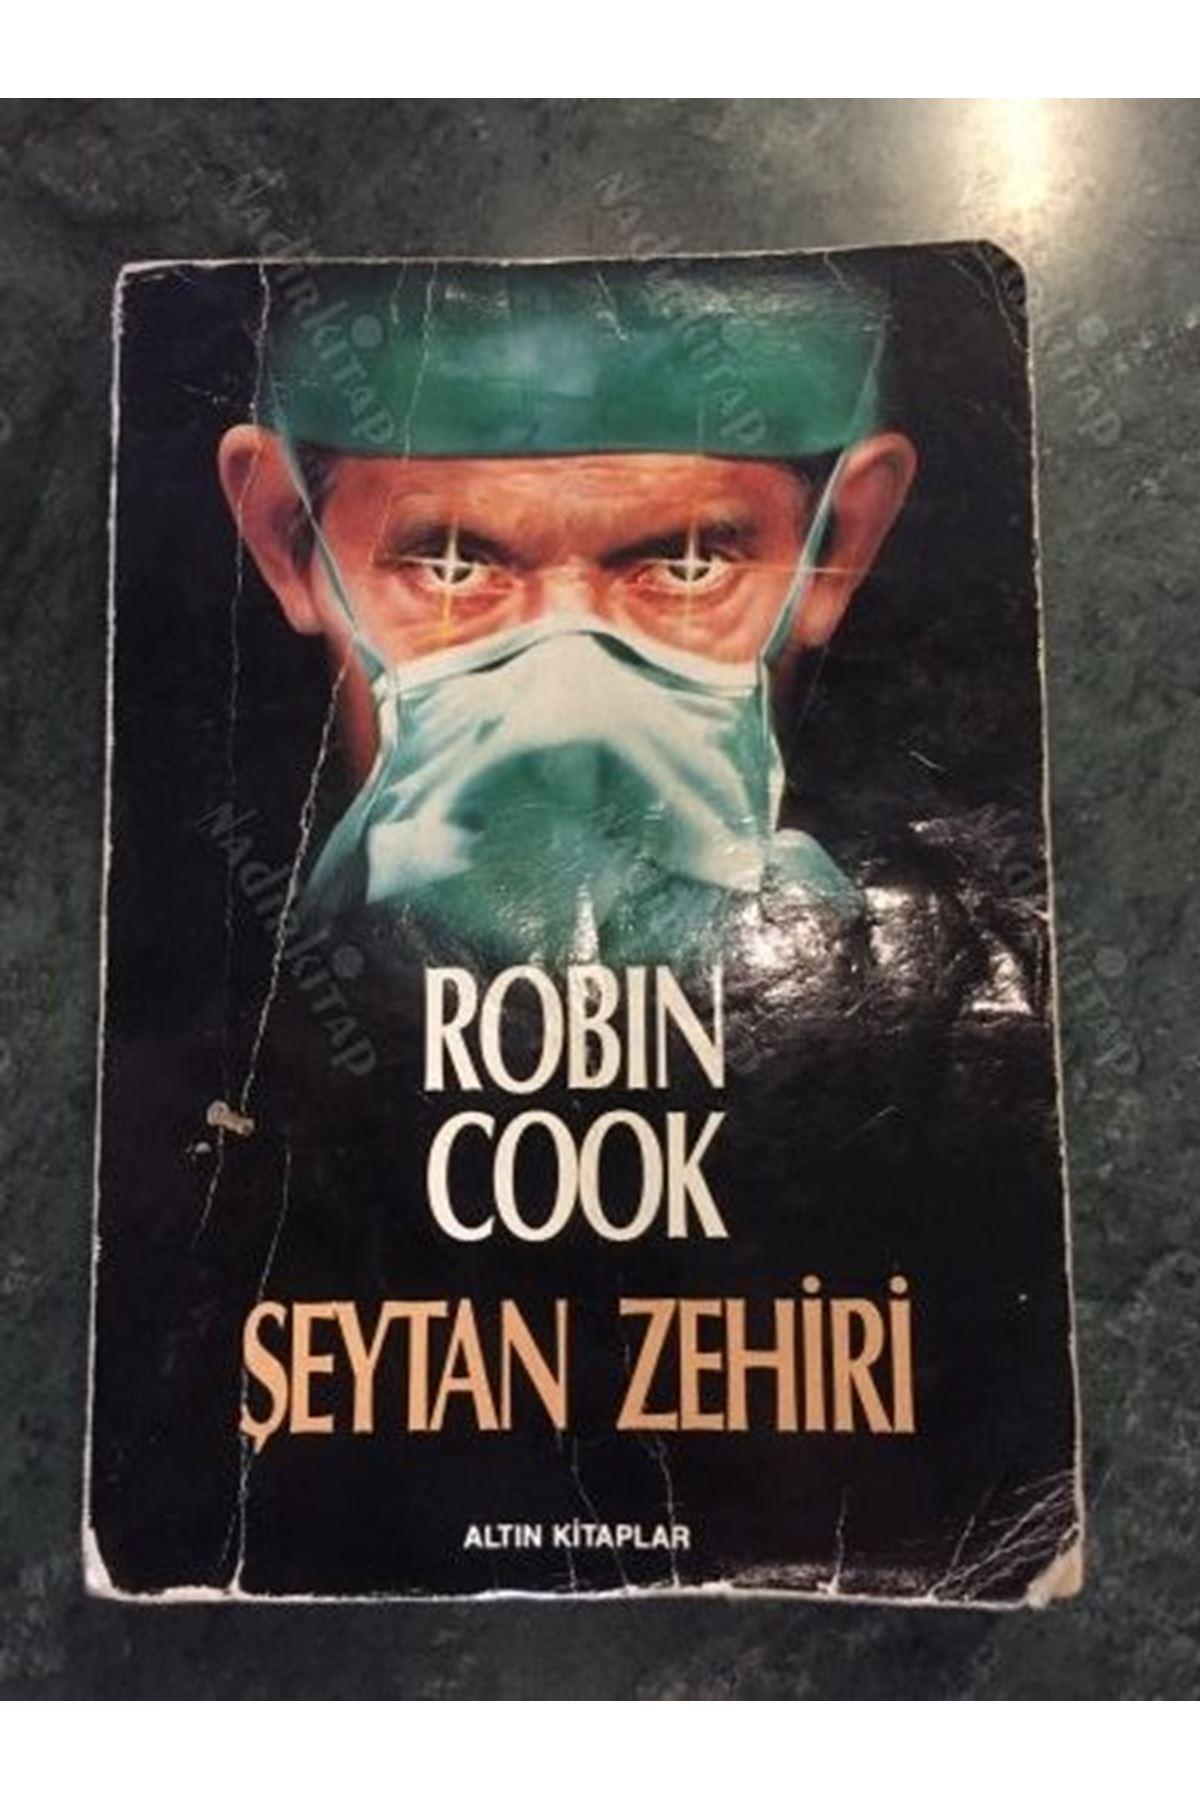 ROBIN COOK - ŞEYTAN ZEHİRİ